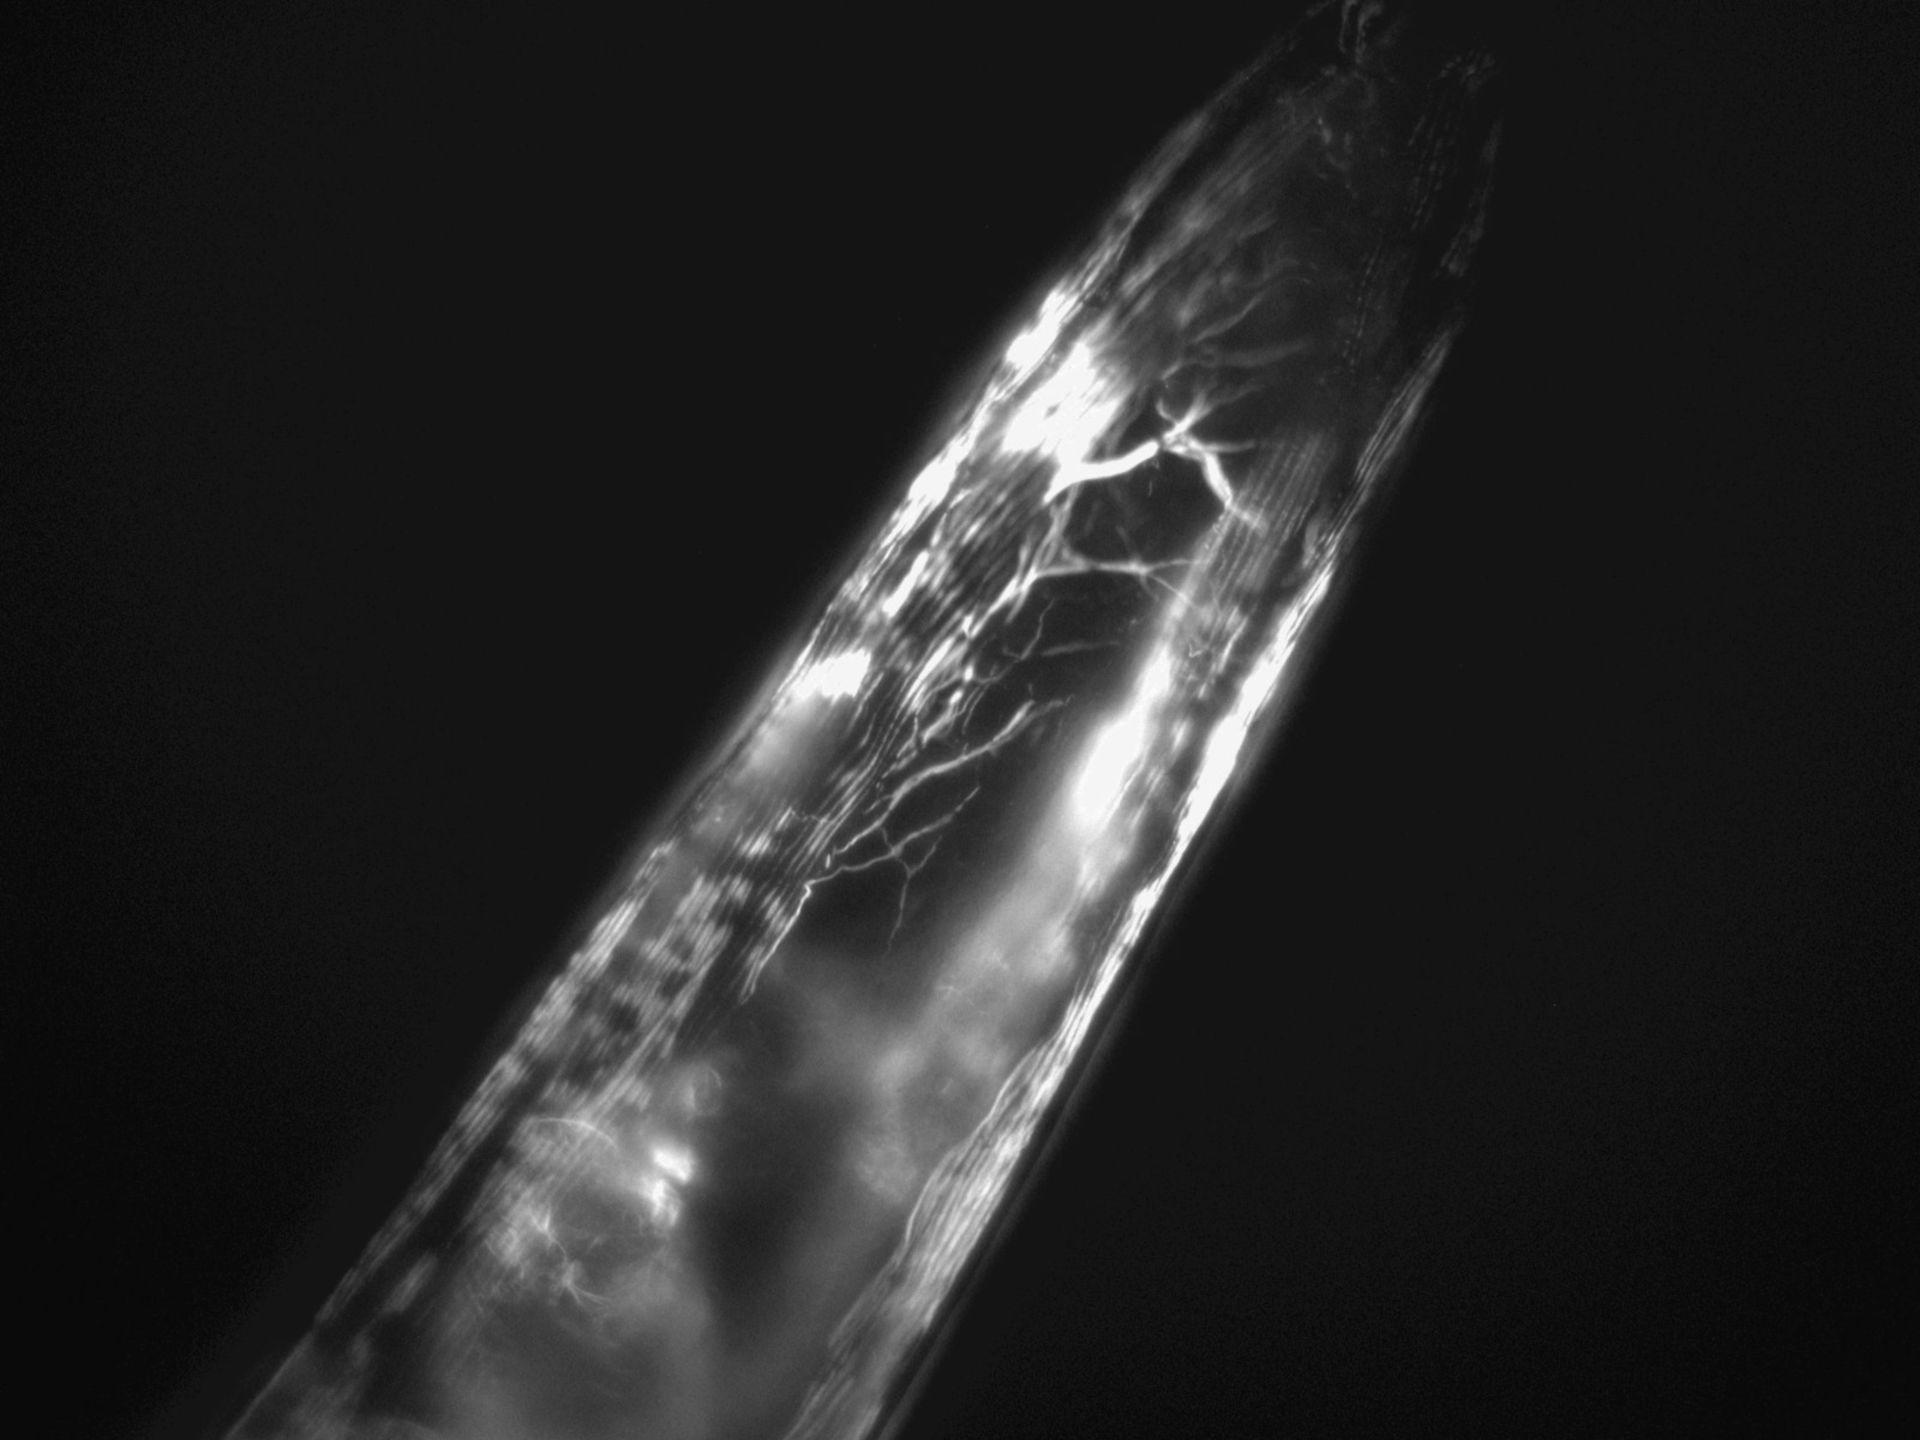 Caenorhabditis elegans (Actin filament) - CIL:1278